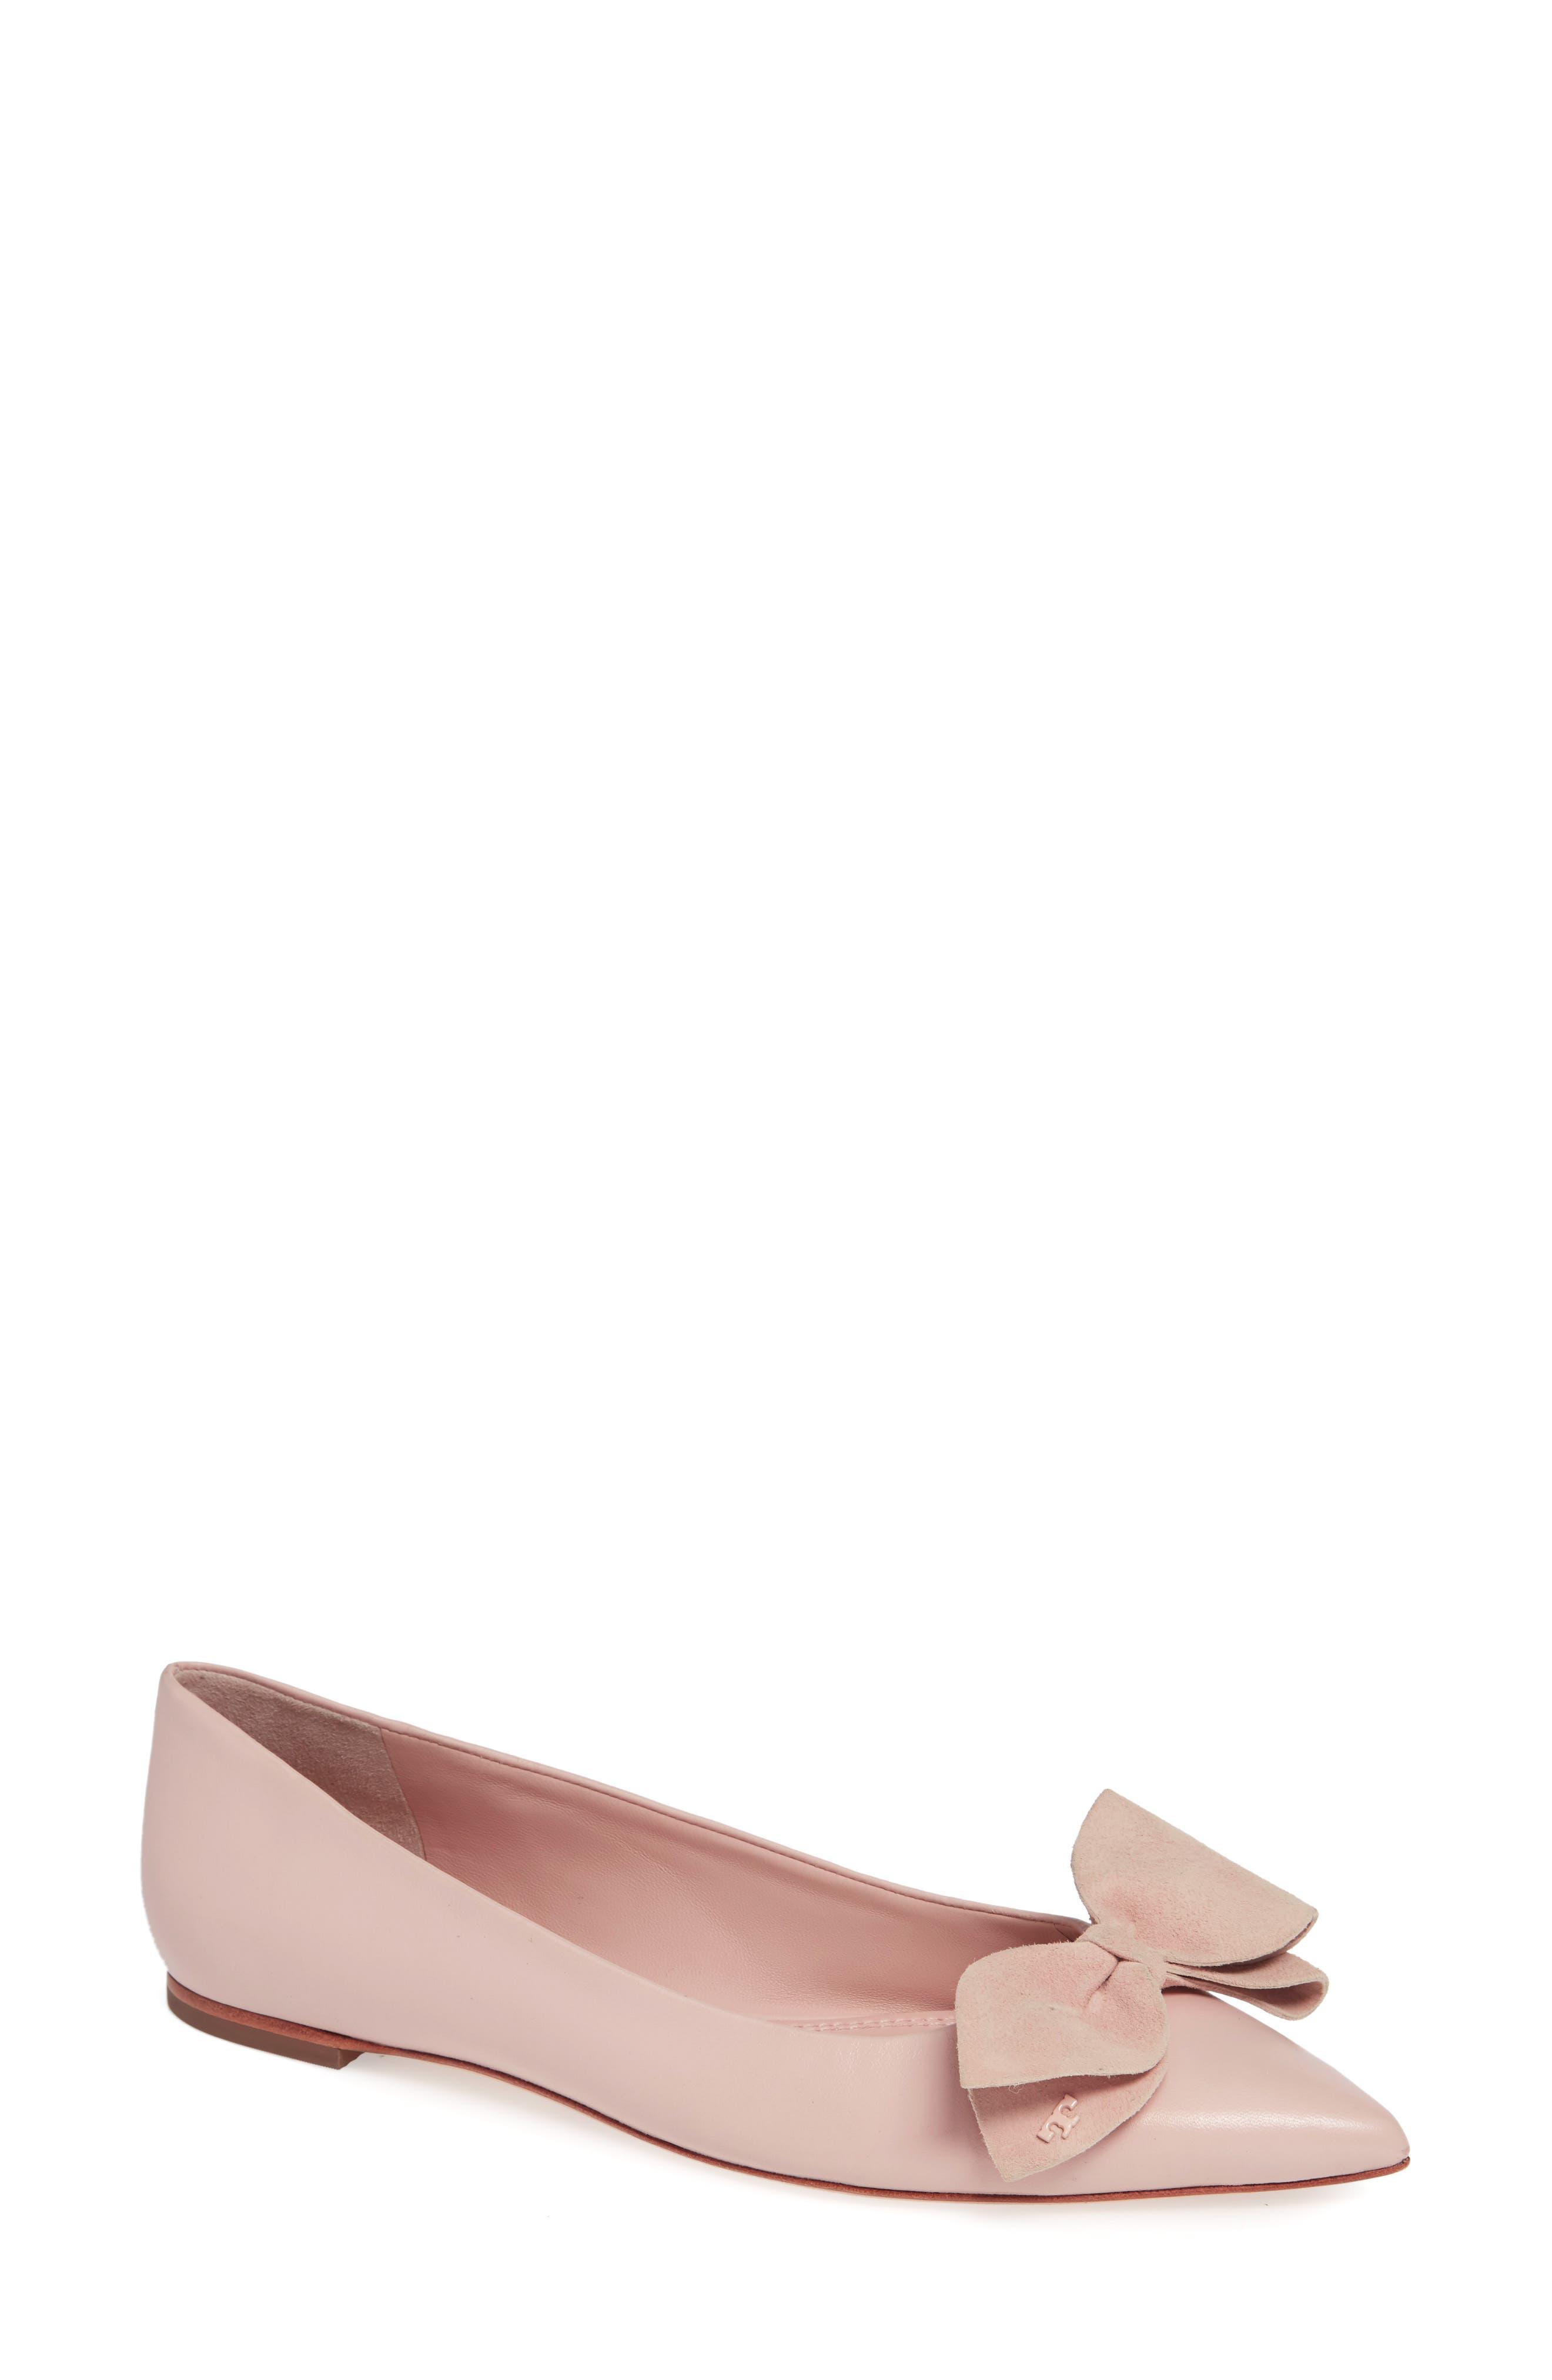 Rosalind Bow Pointy Toe Flat,                             Main thumbnail 1, color,                             Sea Shell Pink